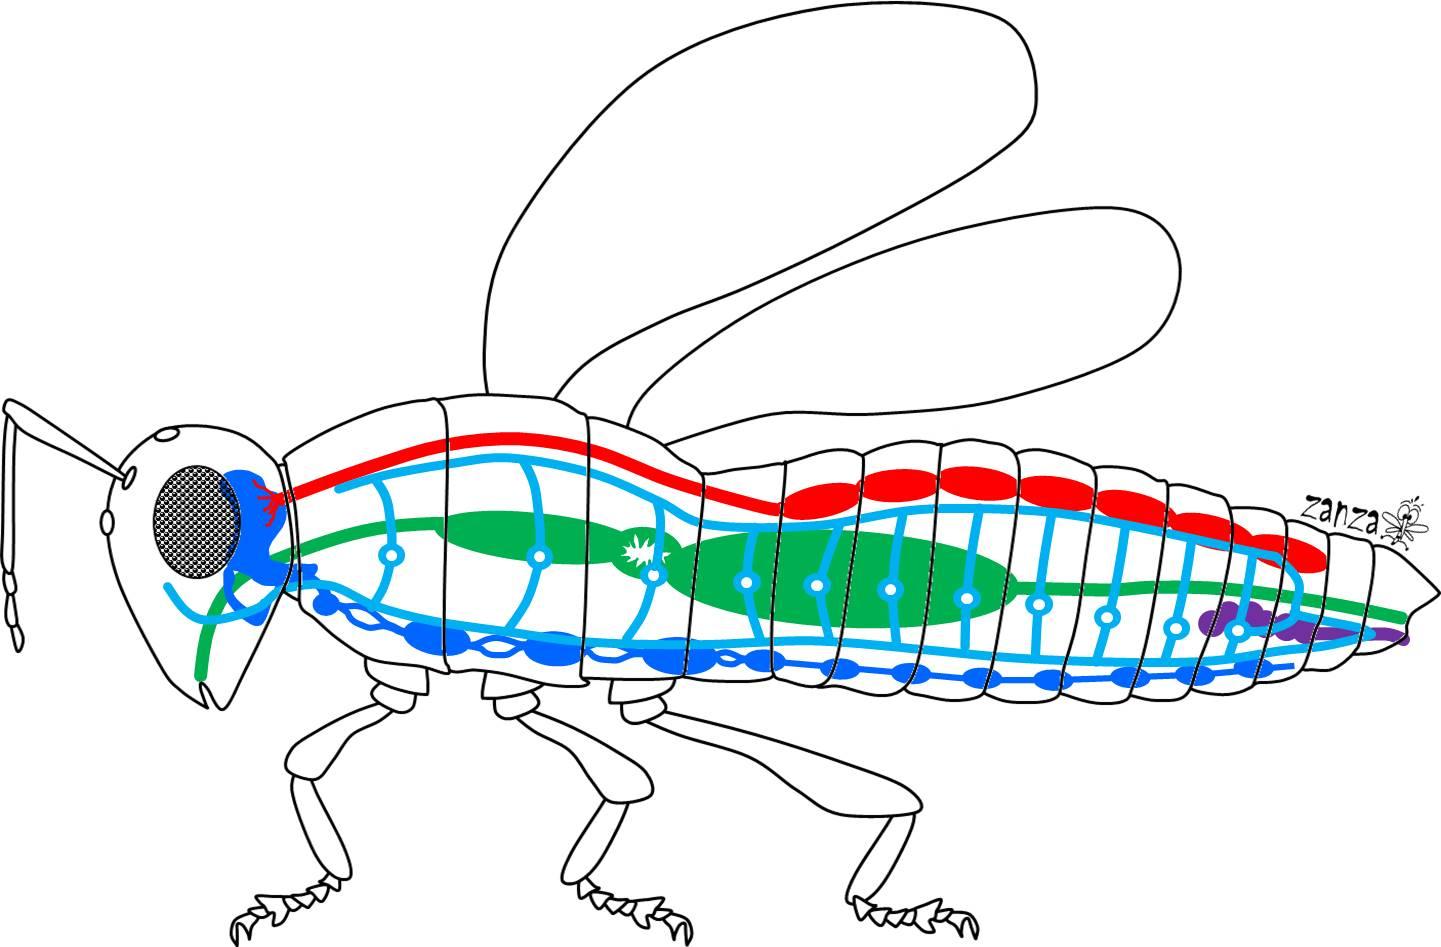 {mlang en}Anatomy of insects{mlang}{mlang es}Anatomia de los insectos{mlang}{mlang it}Anatomia degli insetti{mlang}